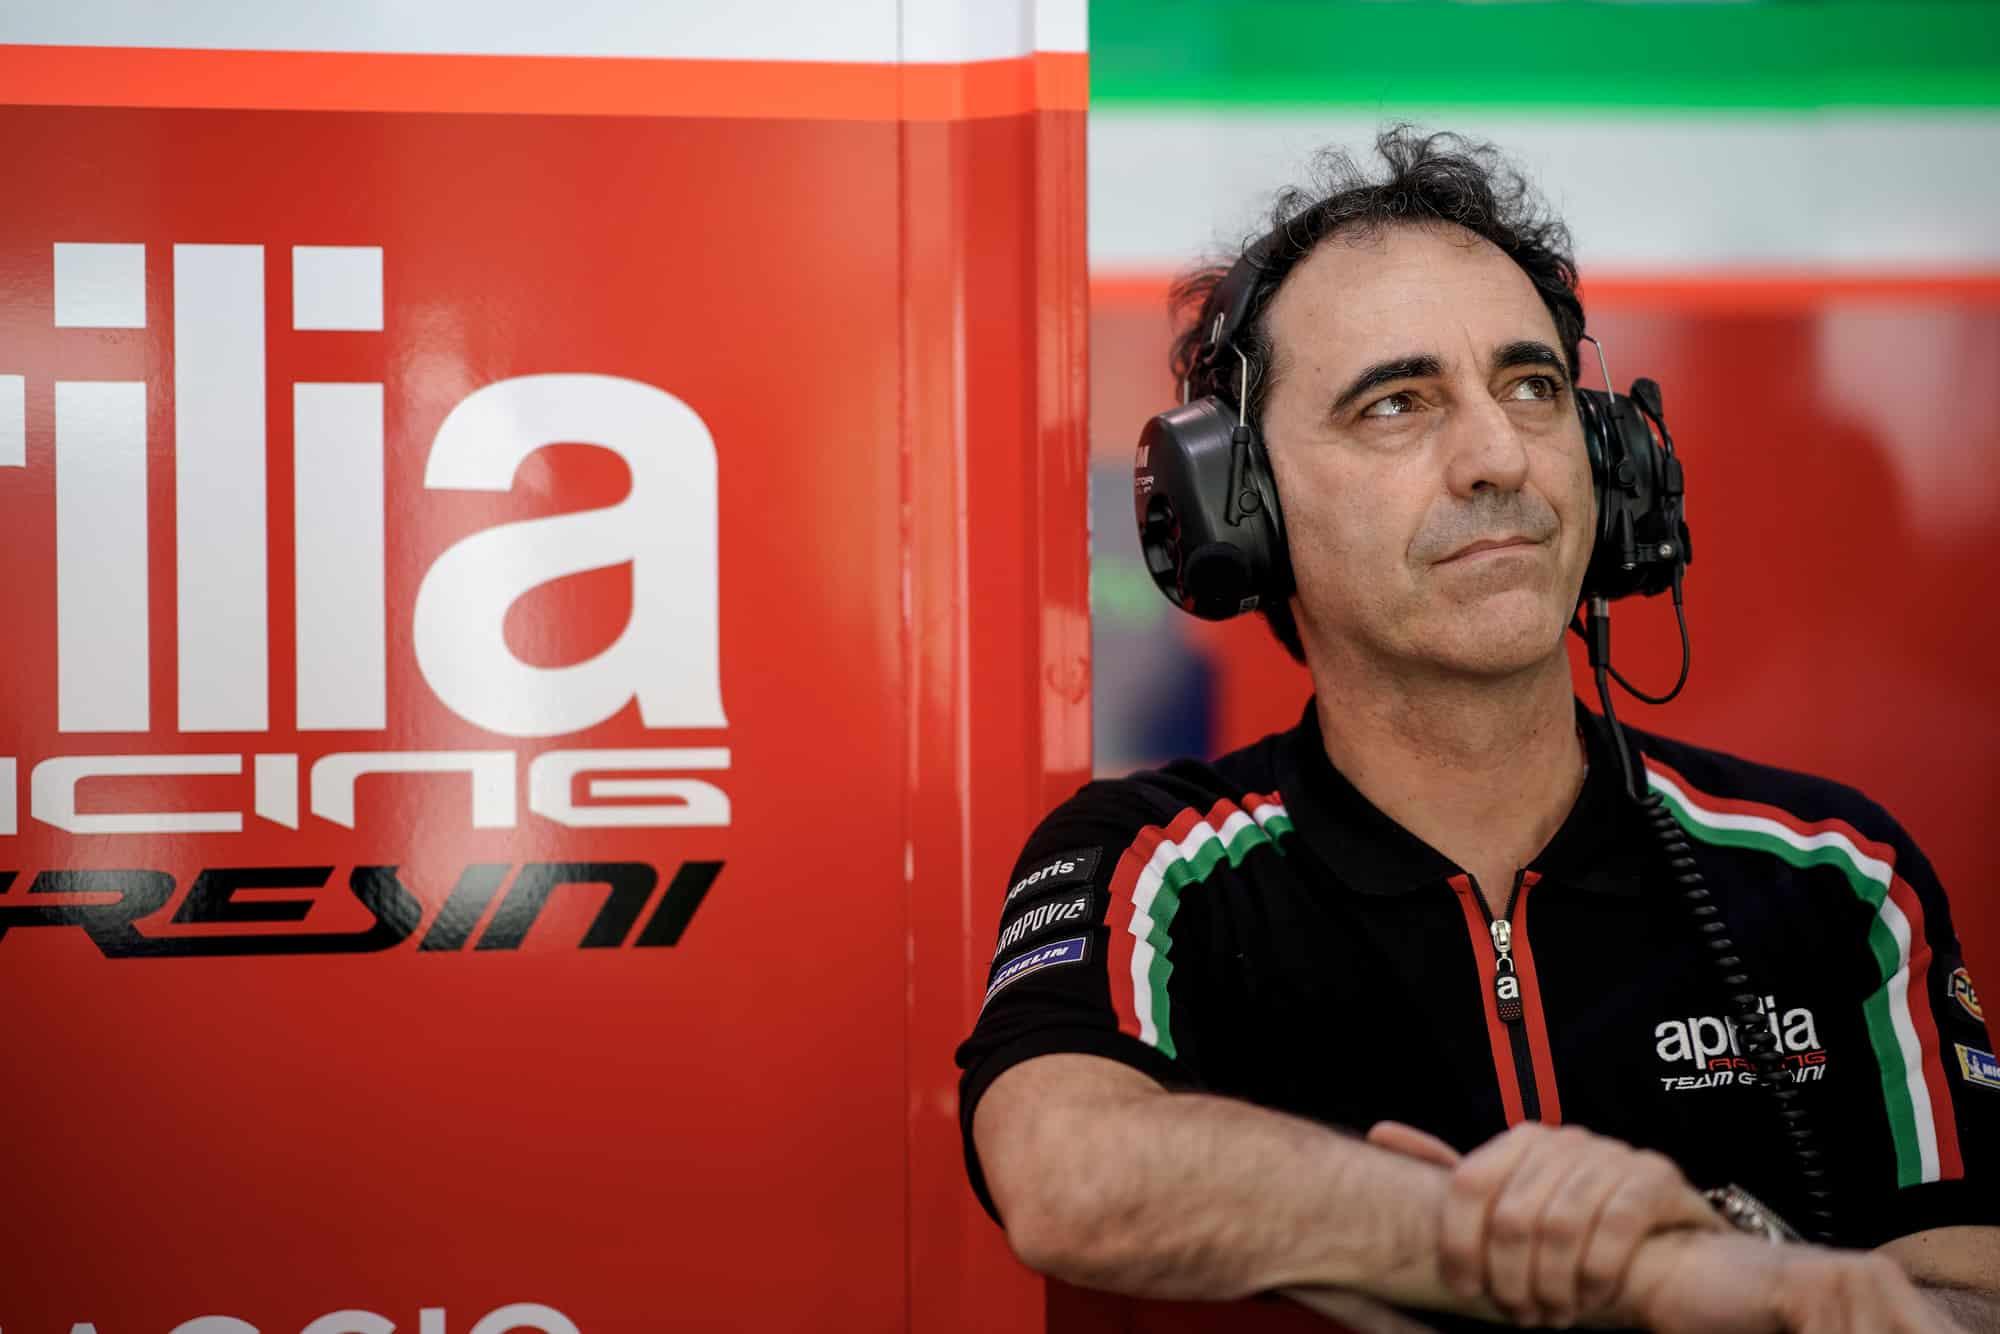 Romano Albesiano in the Aprilia MotoGP pit garage